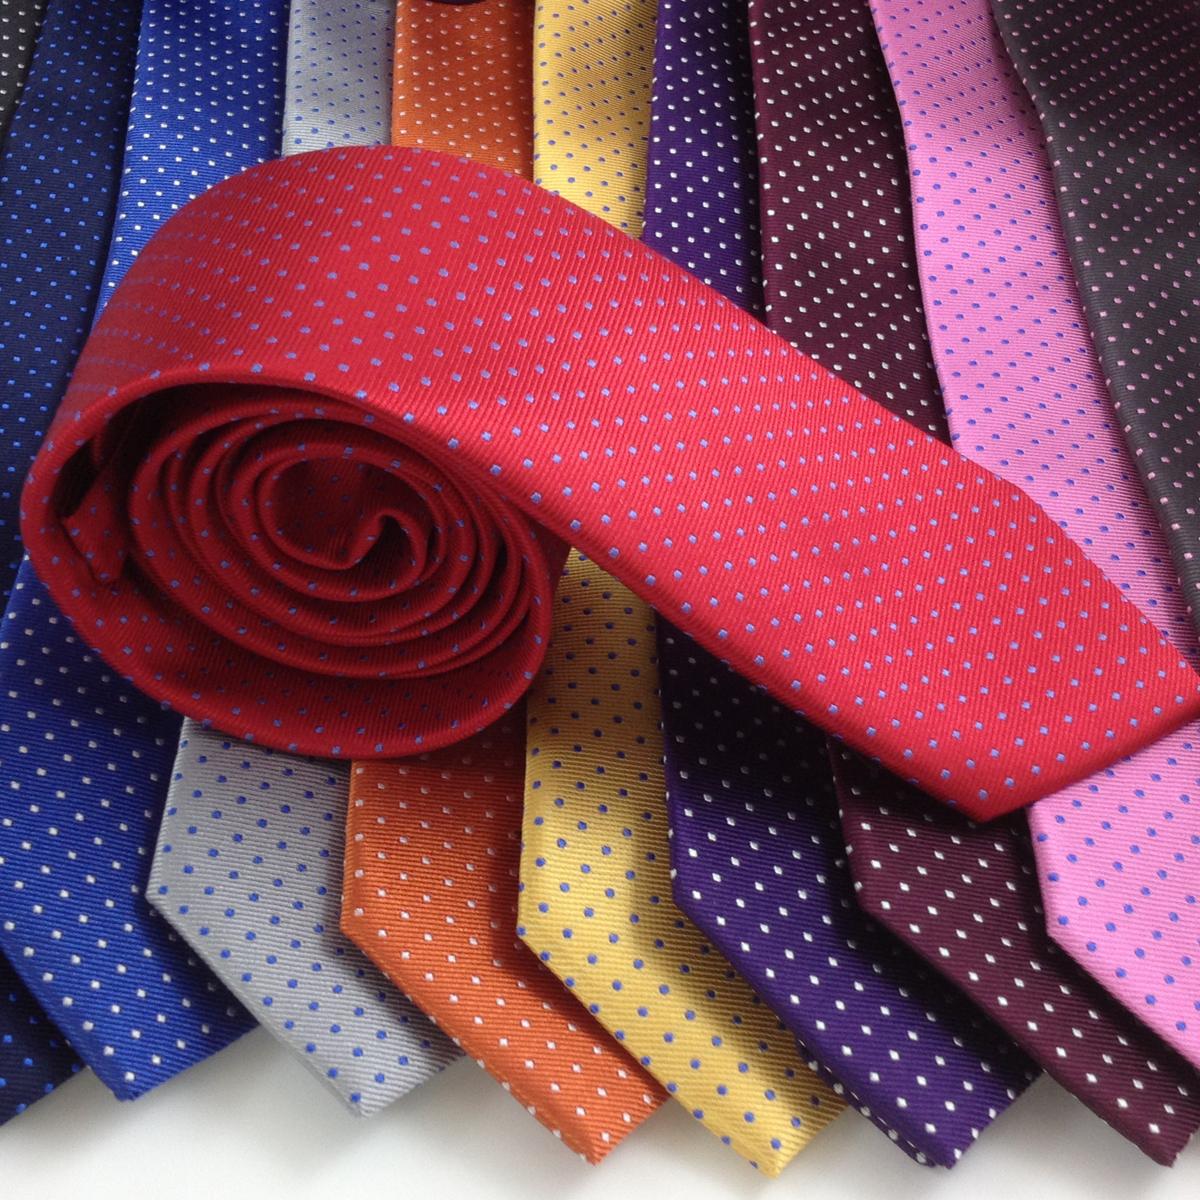 N657 Spots Tie Group - - Con Murphys Menswear